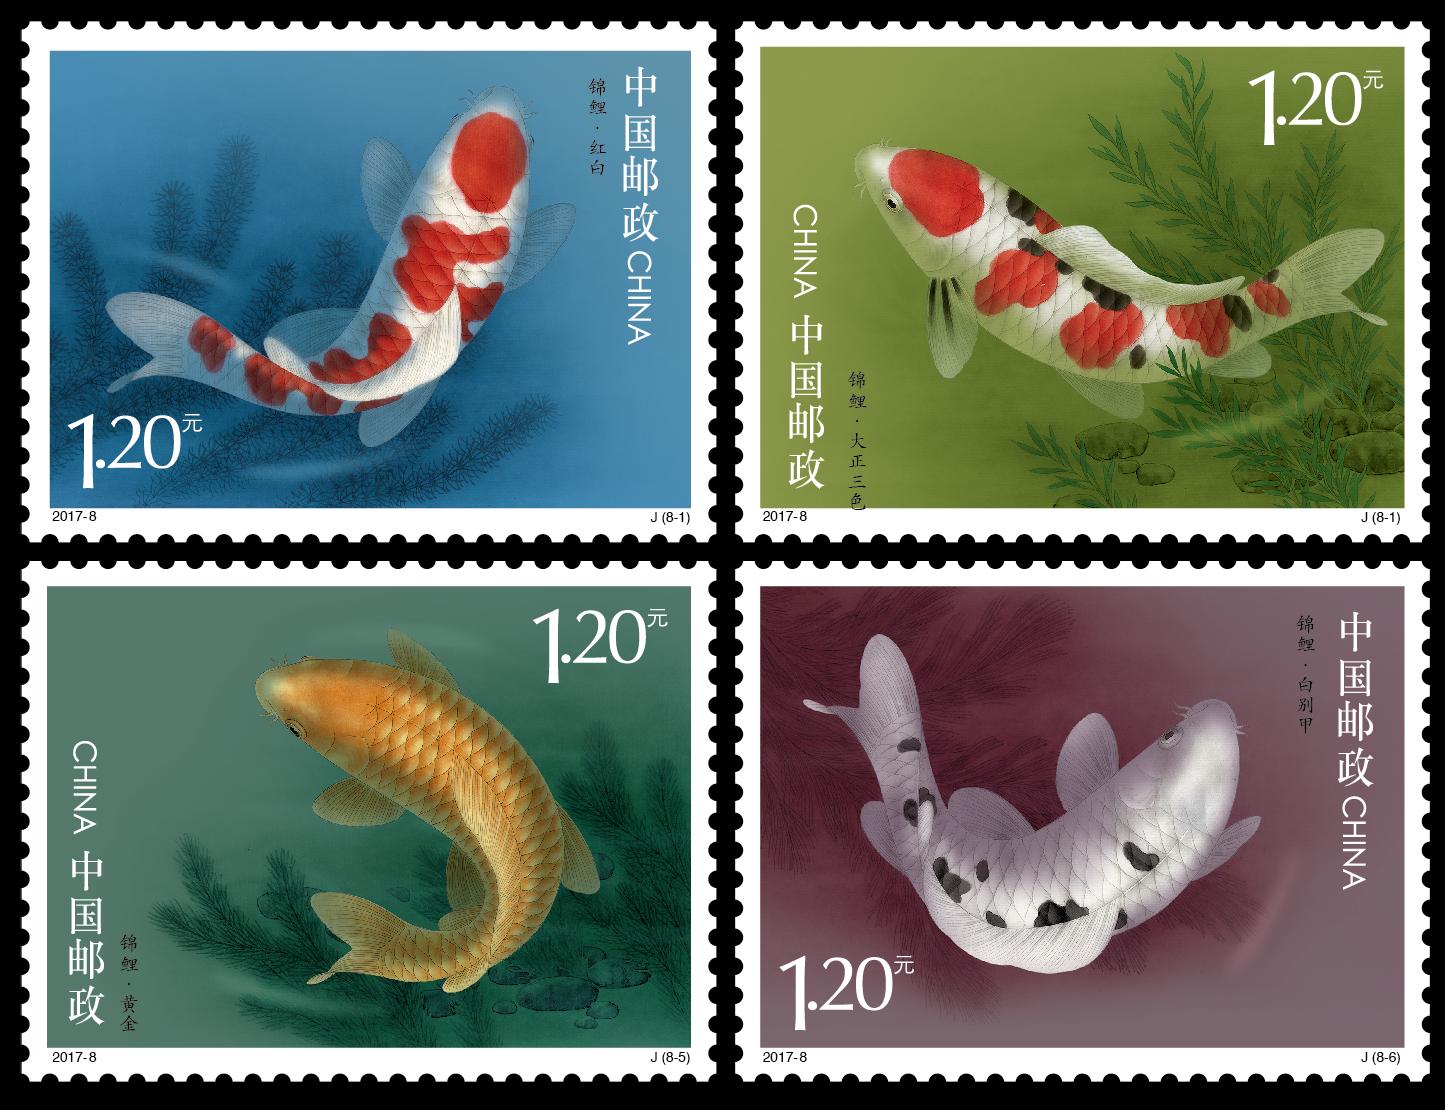 继承与创新——《锦鲤》邮票设计谈图片